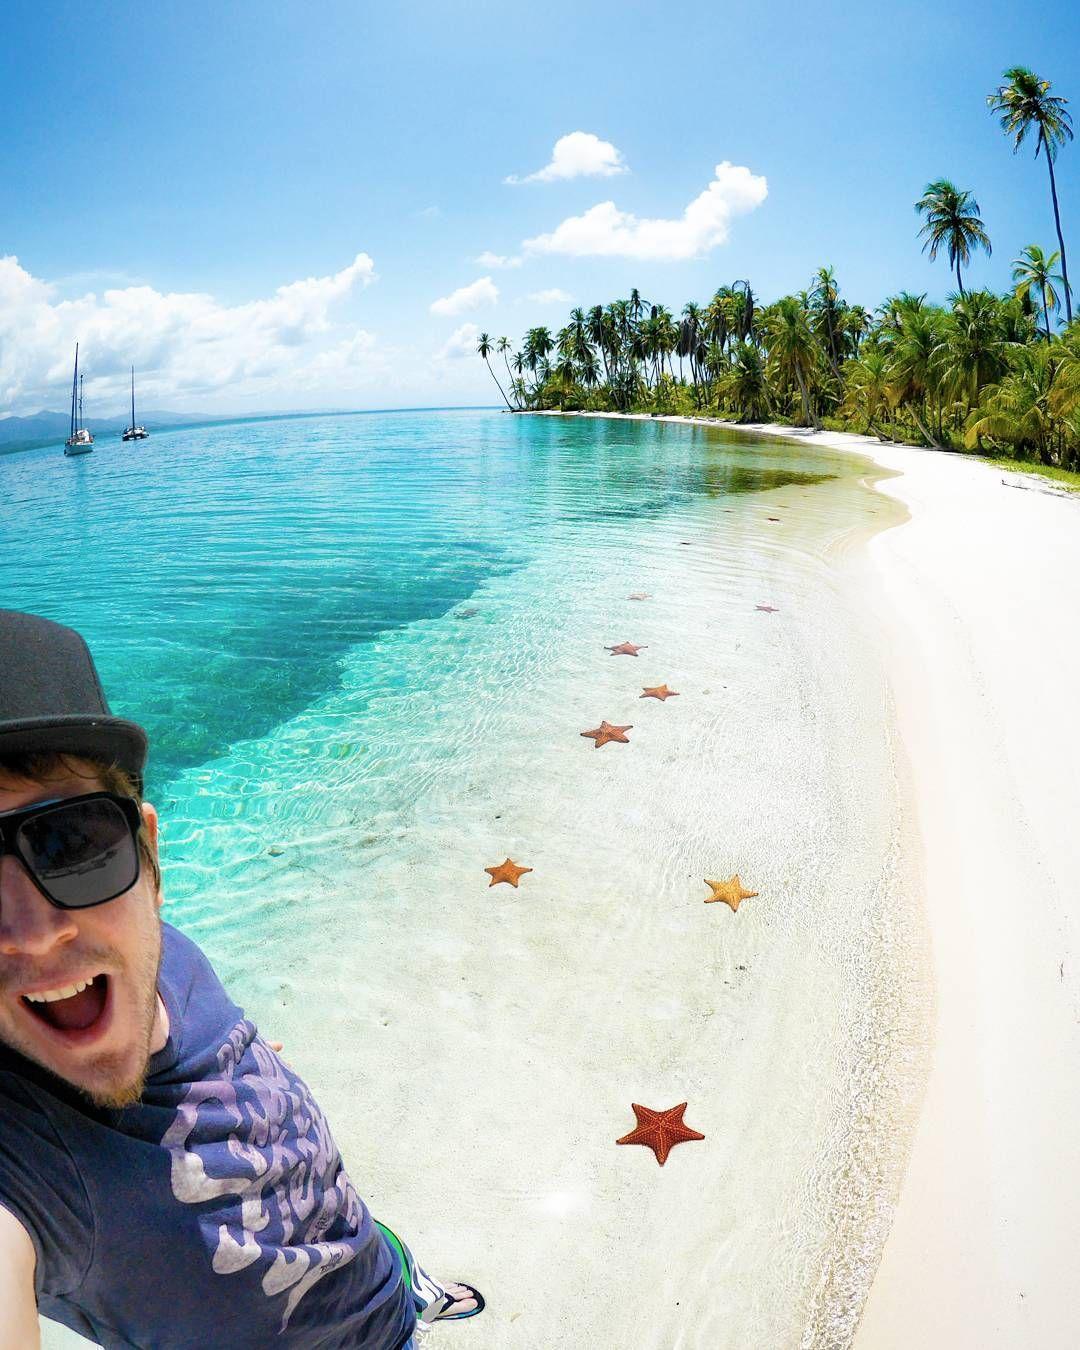 San Blas Inseln Reisetipps Fur Das Traumhafte Archipel Reisen Insel Reiseziele